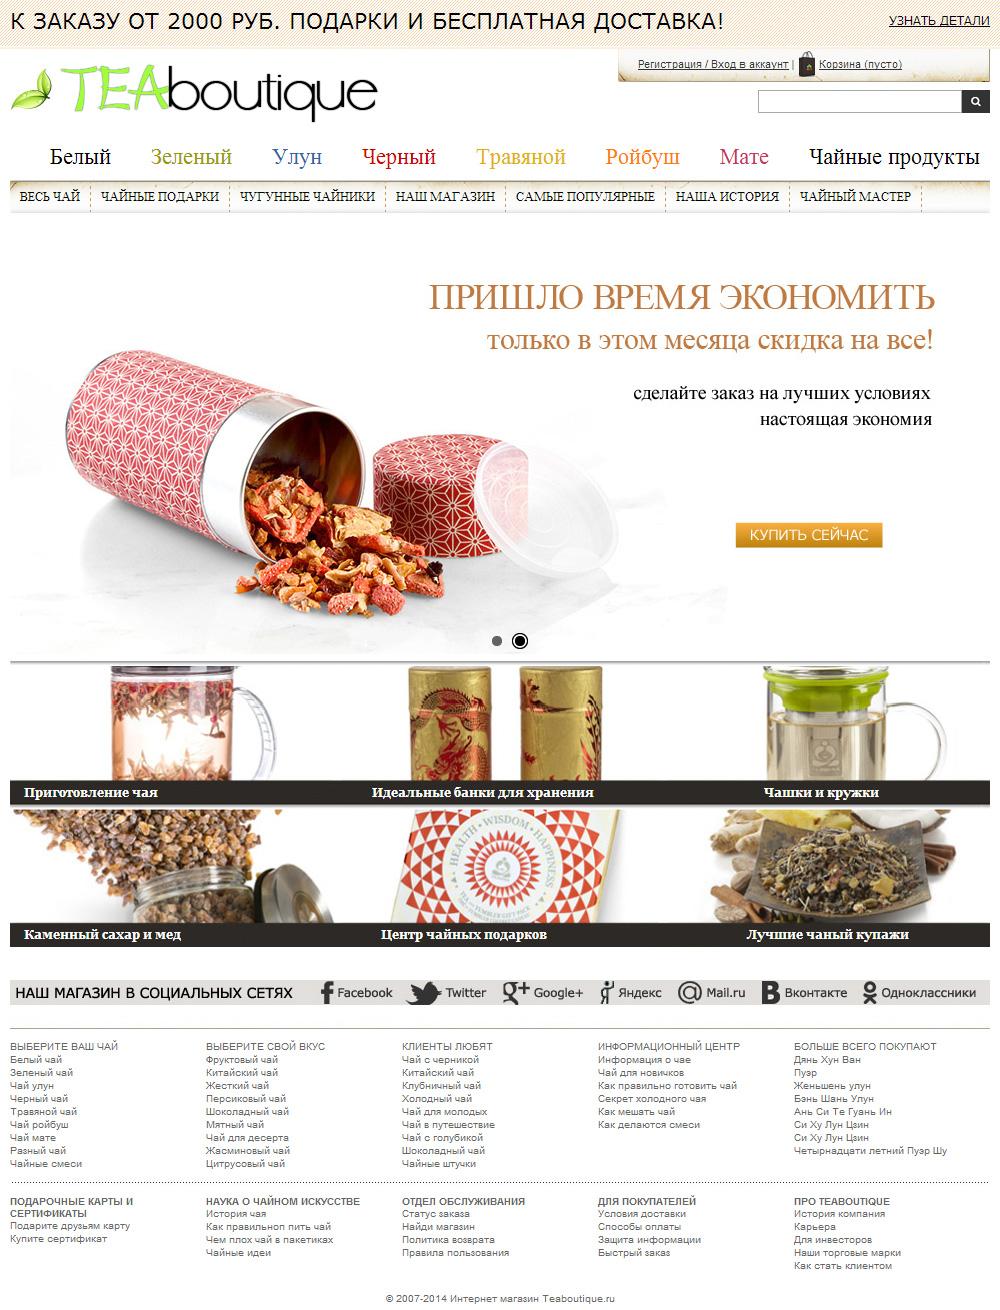 Интернет магазин Teaboutique - дизайн, верстка, установка на CMS WebAsyst Shop Script, наполнение сайта.